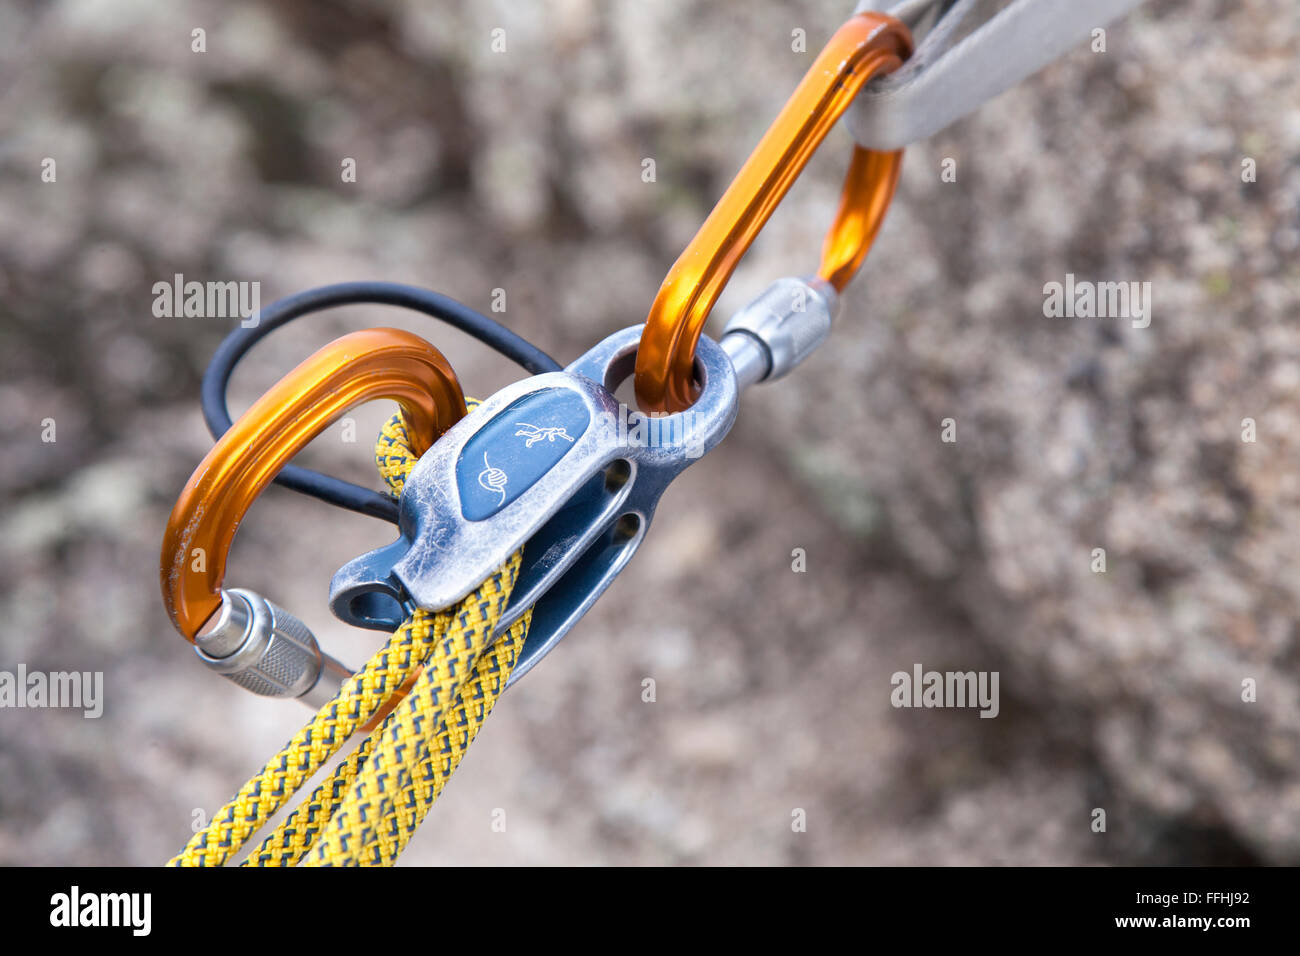 Kletterausrüstung Sicherung : Neues sicherungsgerät revo von wild country bei klettern